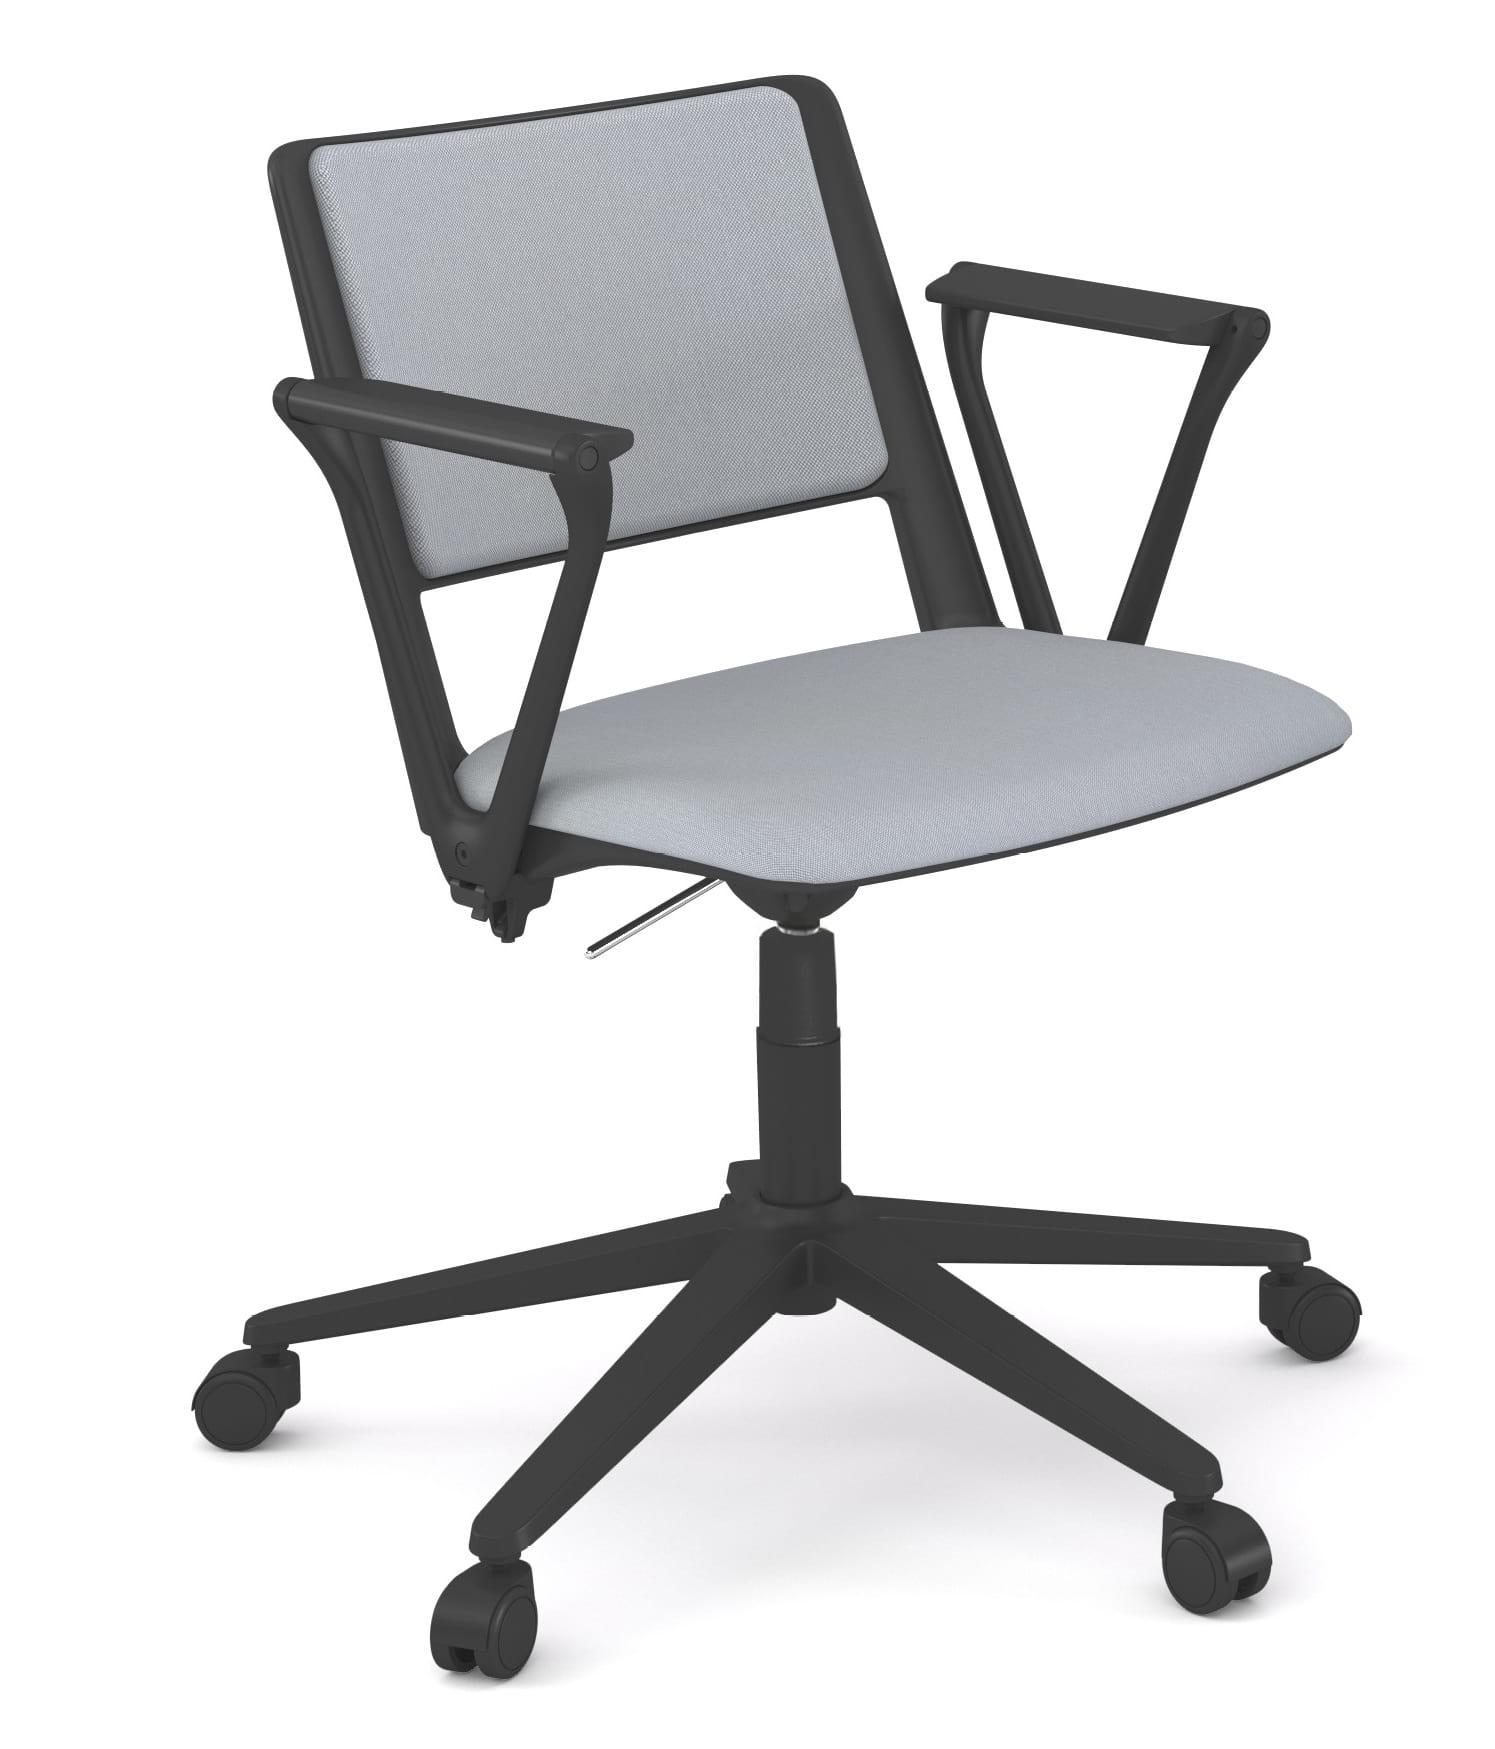 Sedute collettivit milano vendita sedie impilabili per for Sedie per ufficio milano